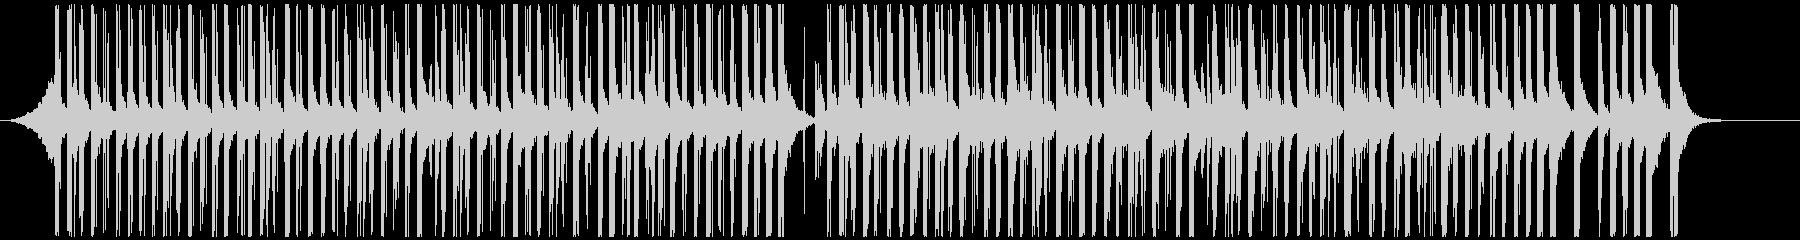 ドラムと手拍子ジングル明るい疾走感(中)の未再生の波形